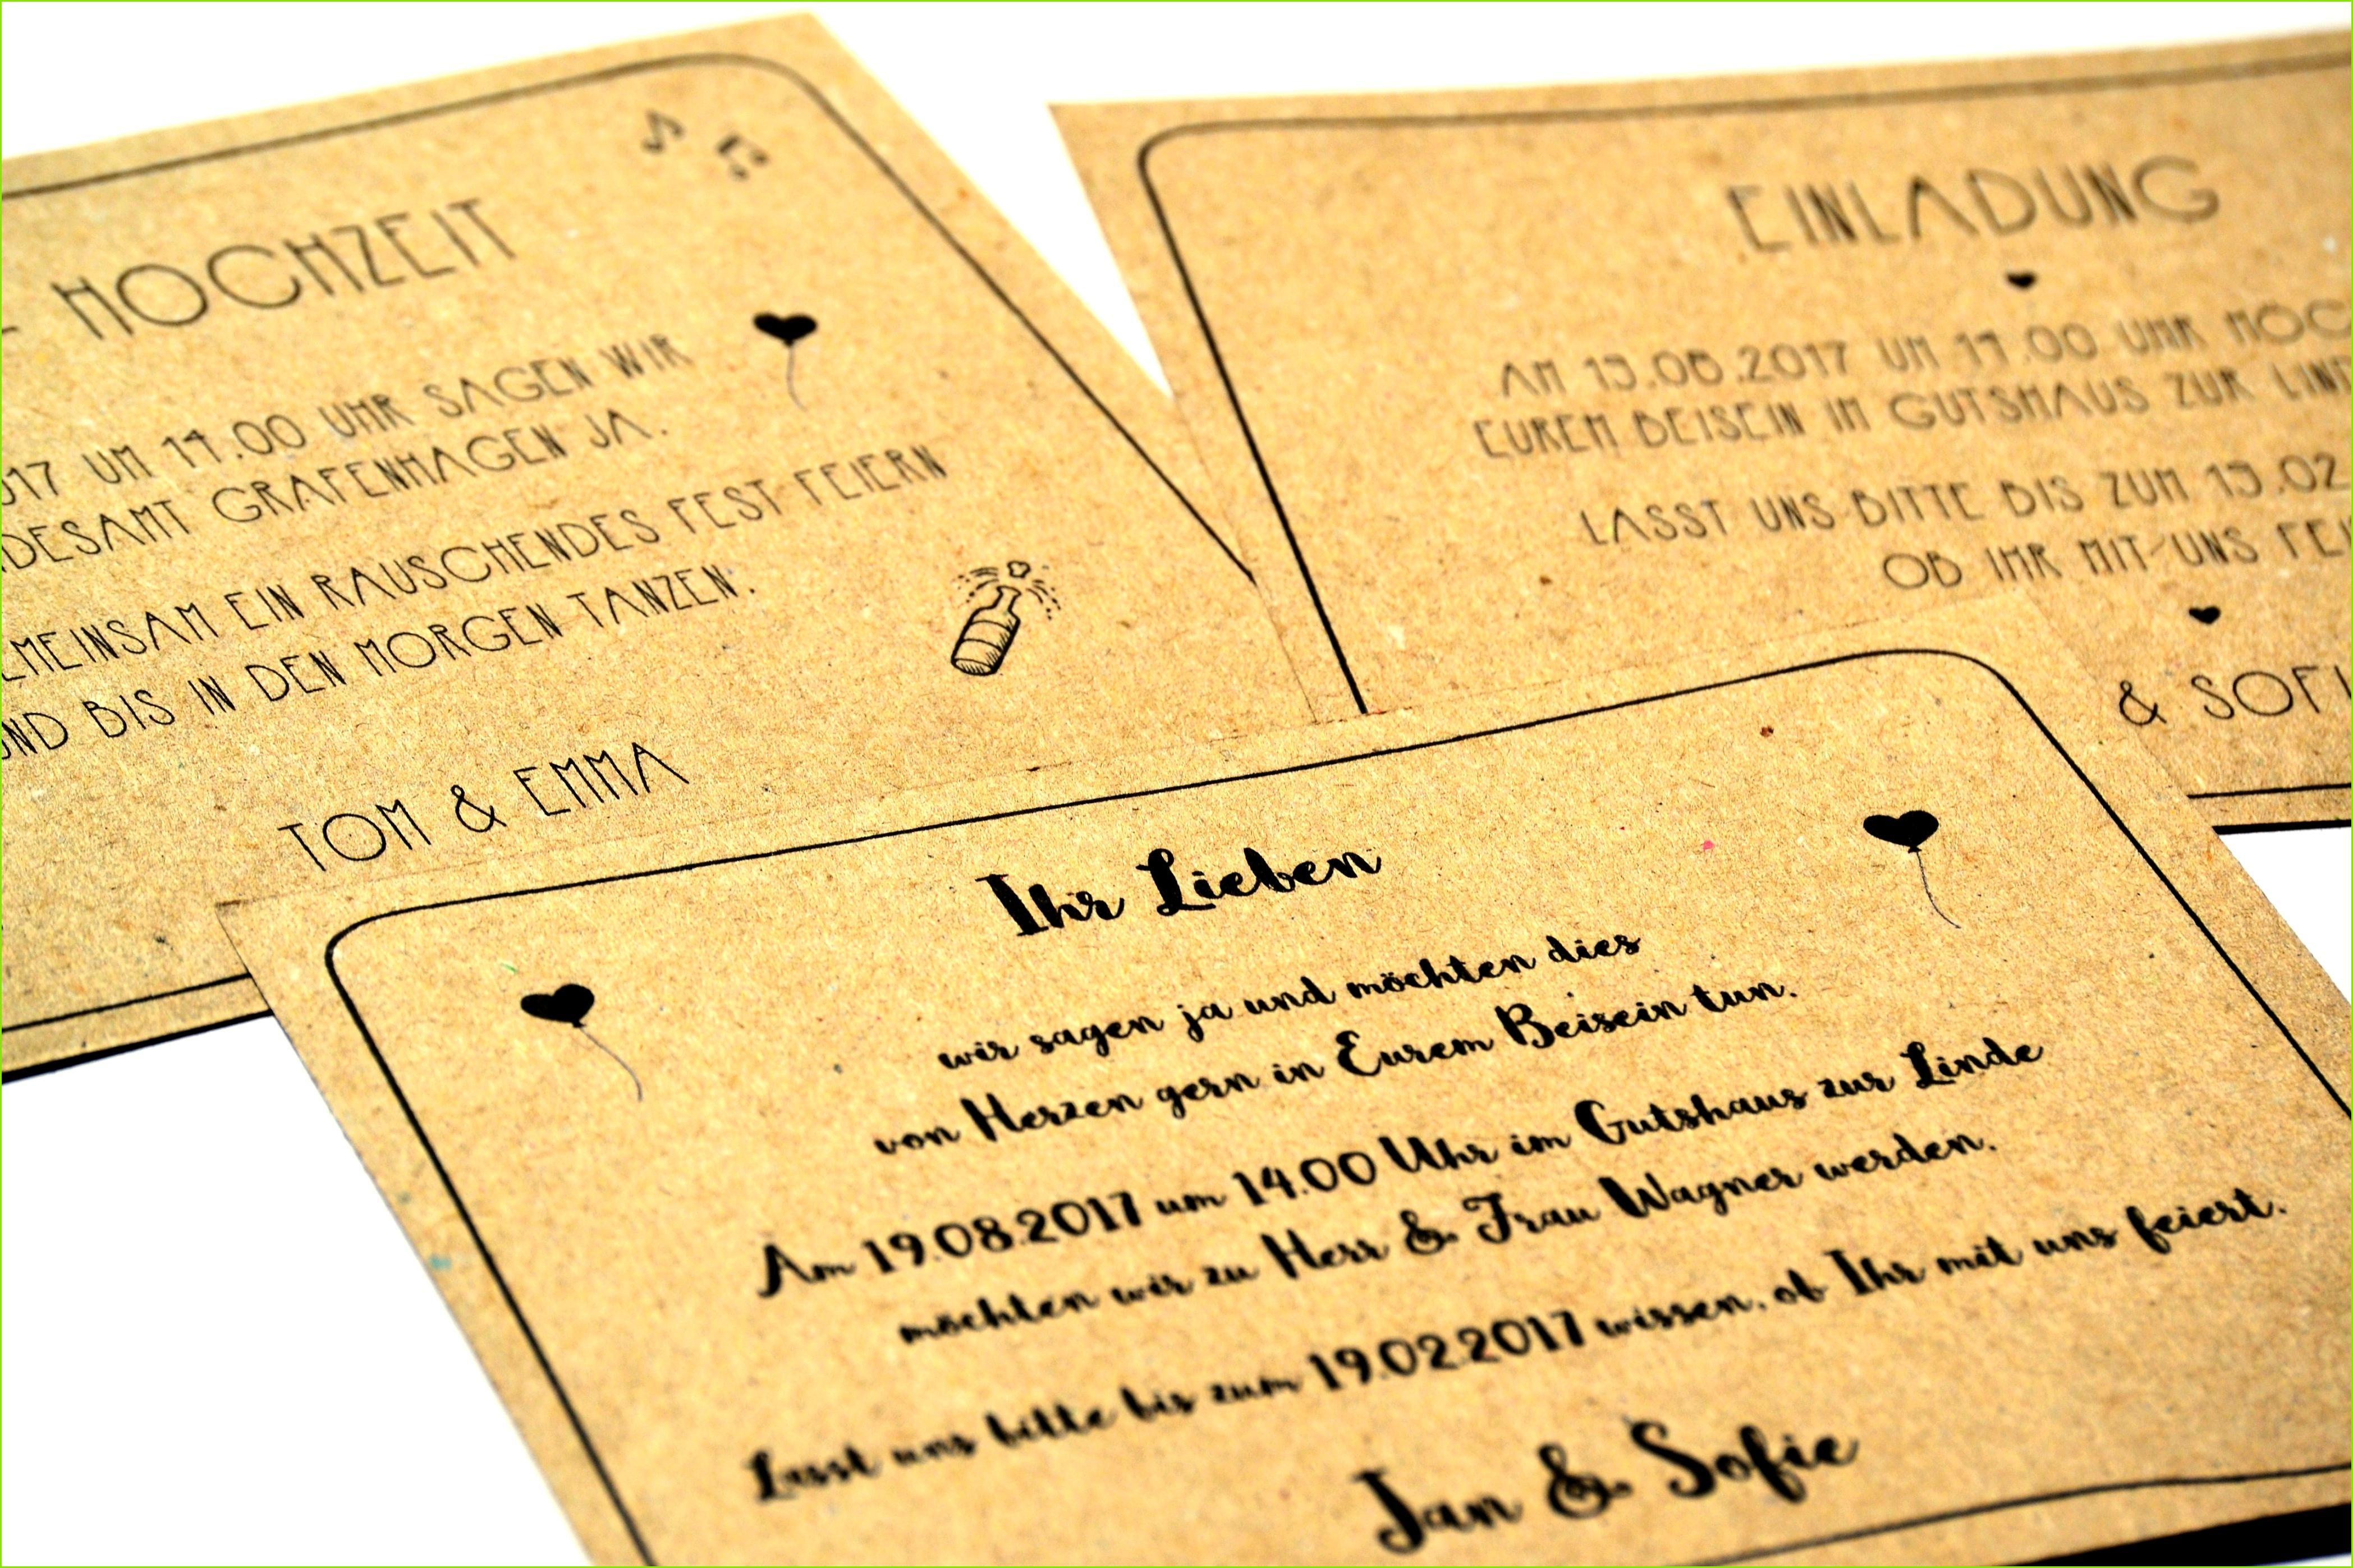 Vorlage Flaschenetikett Einladung Auf Englisch Frisch Goldene bestimmt für Einladung Goldene Hochzeit Vorlage Word